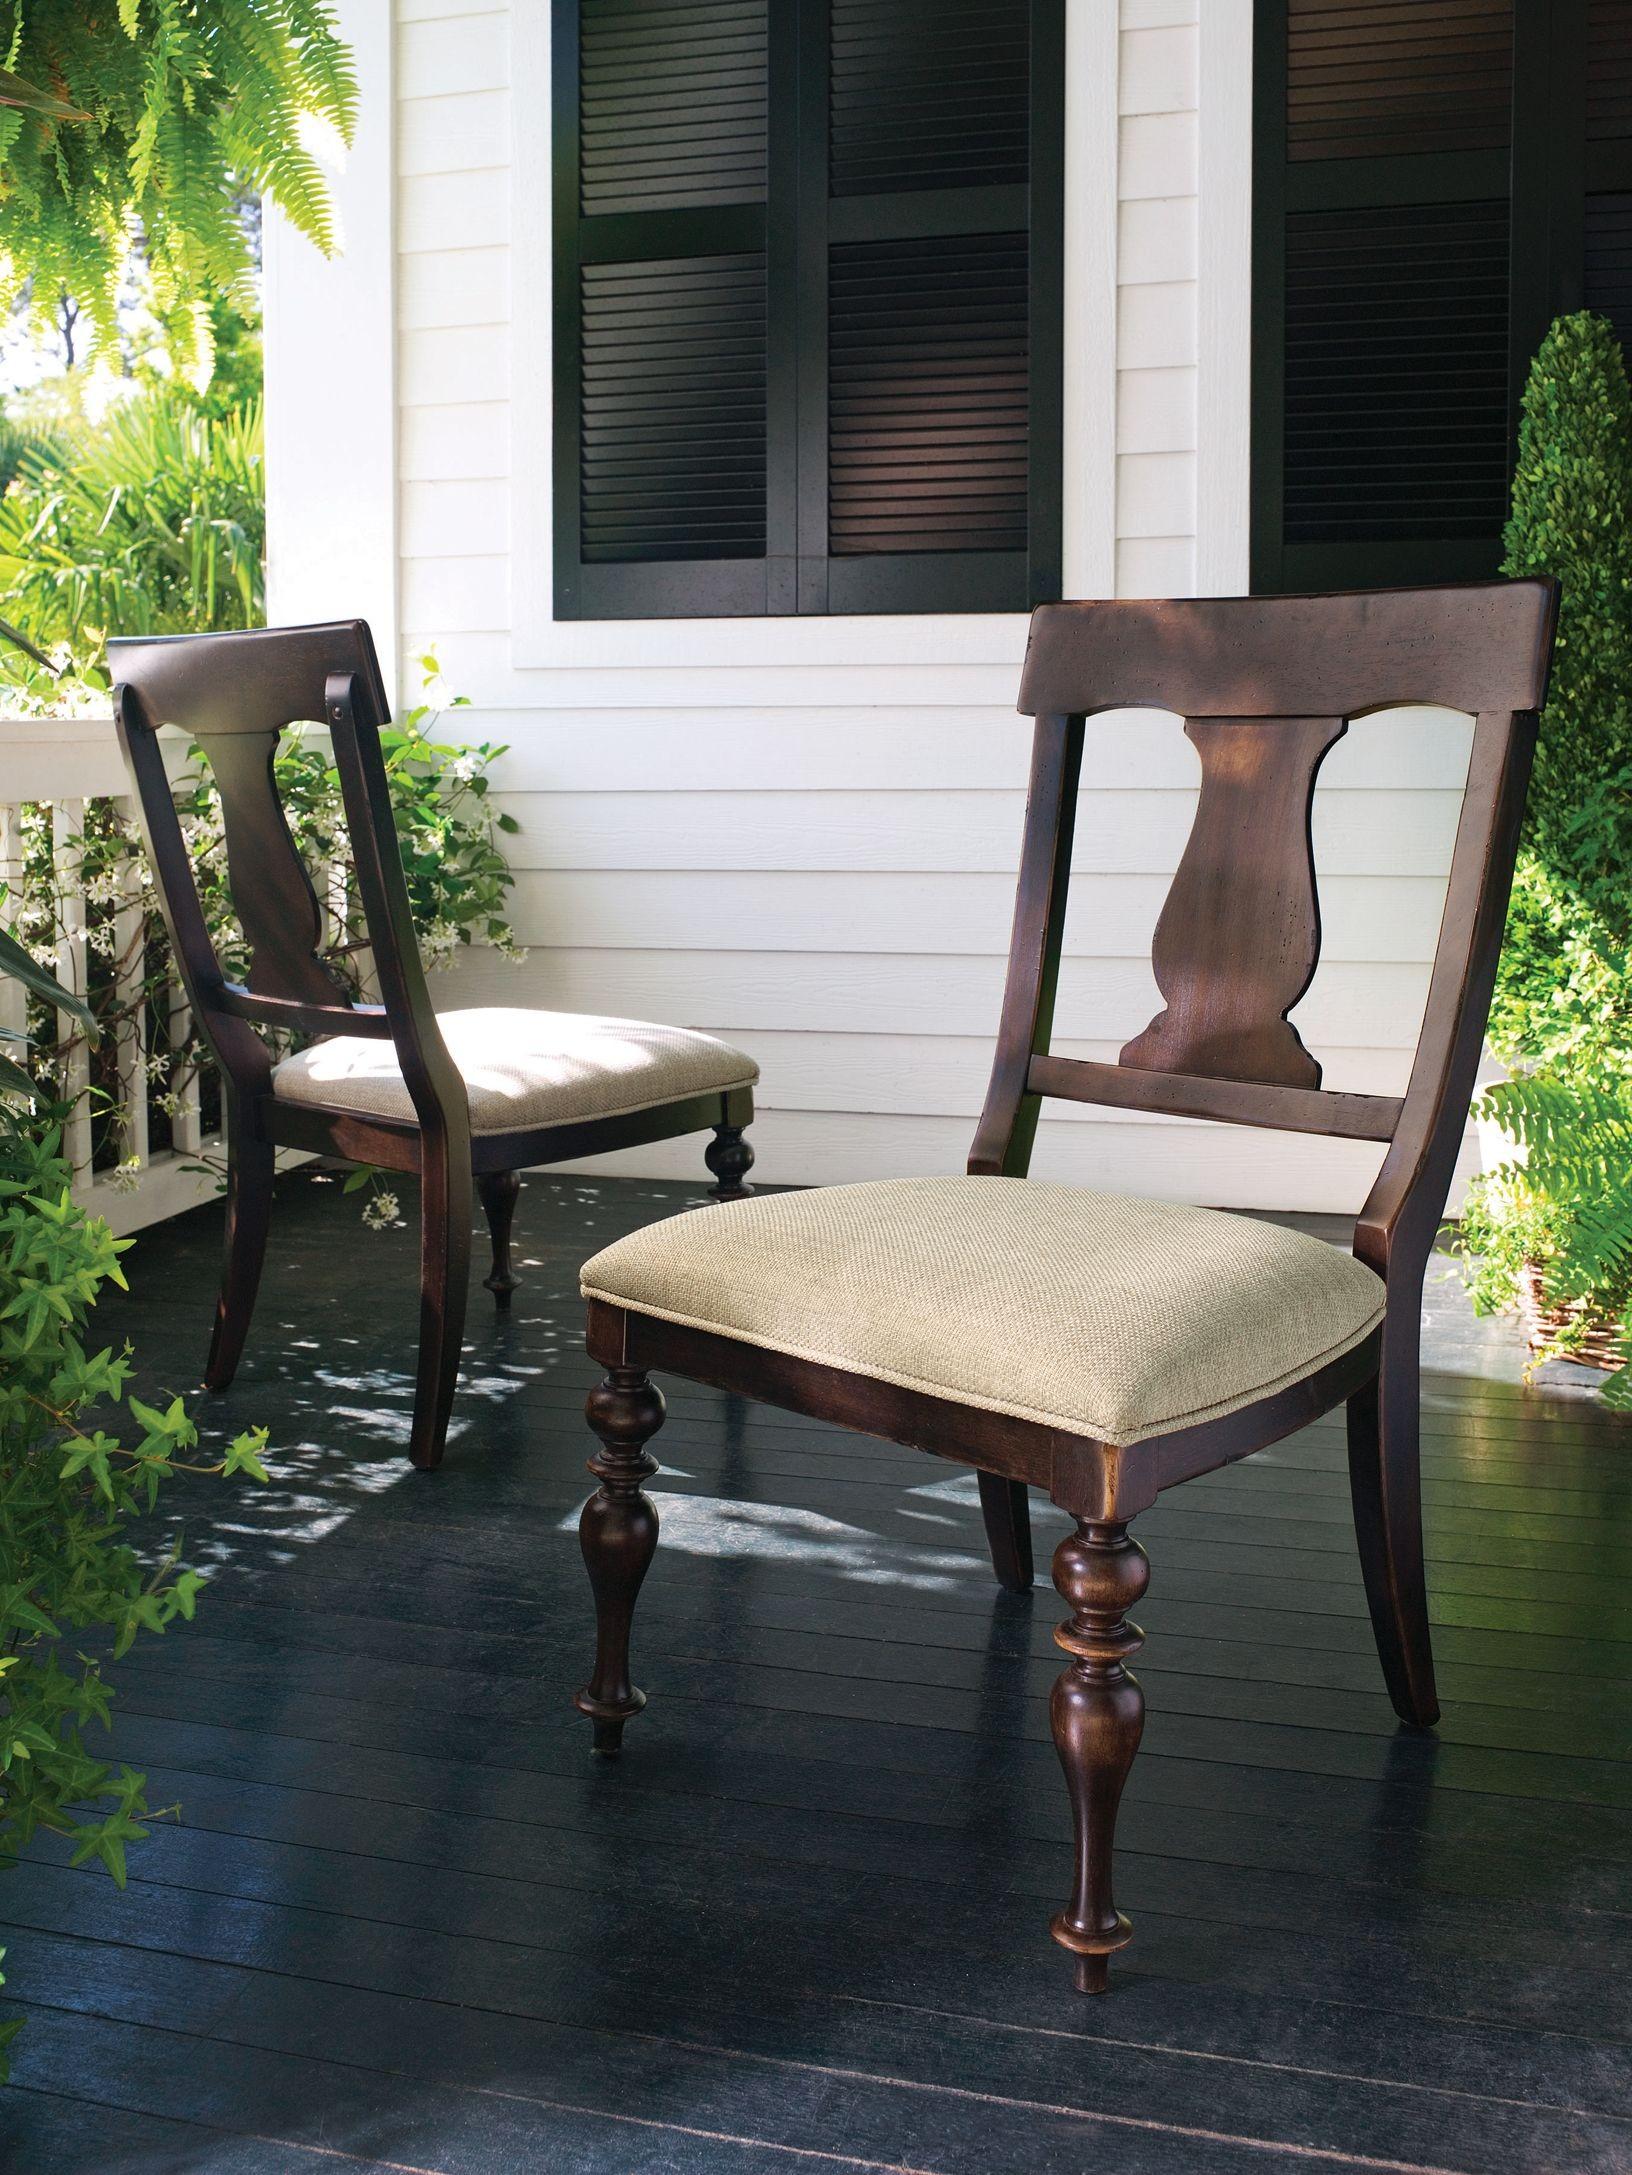 Paula Deen Home Tobacco Counter Height Chair Set Of 2 From Paula Deen 932606